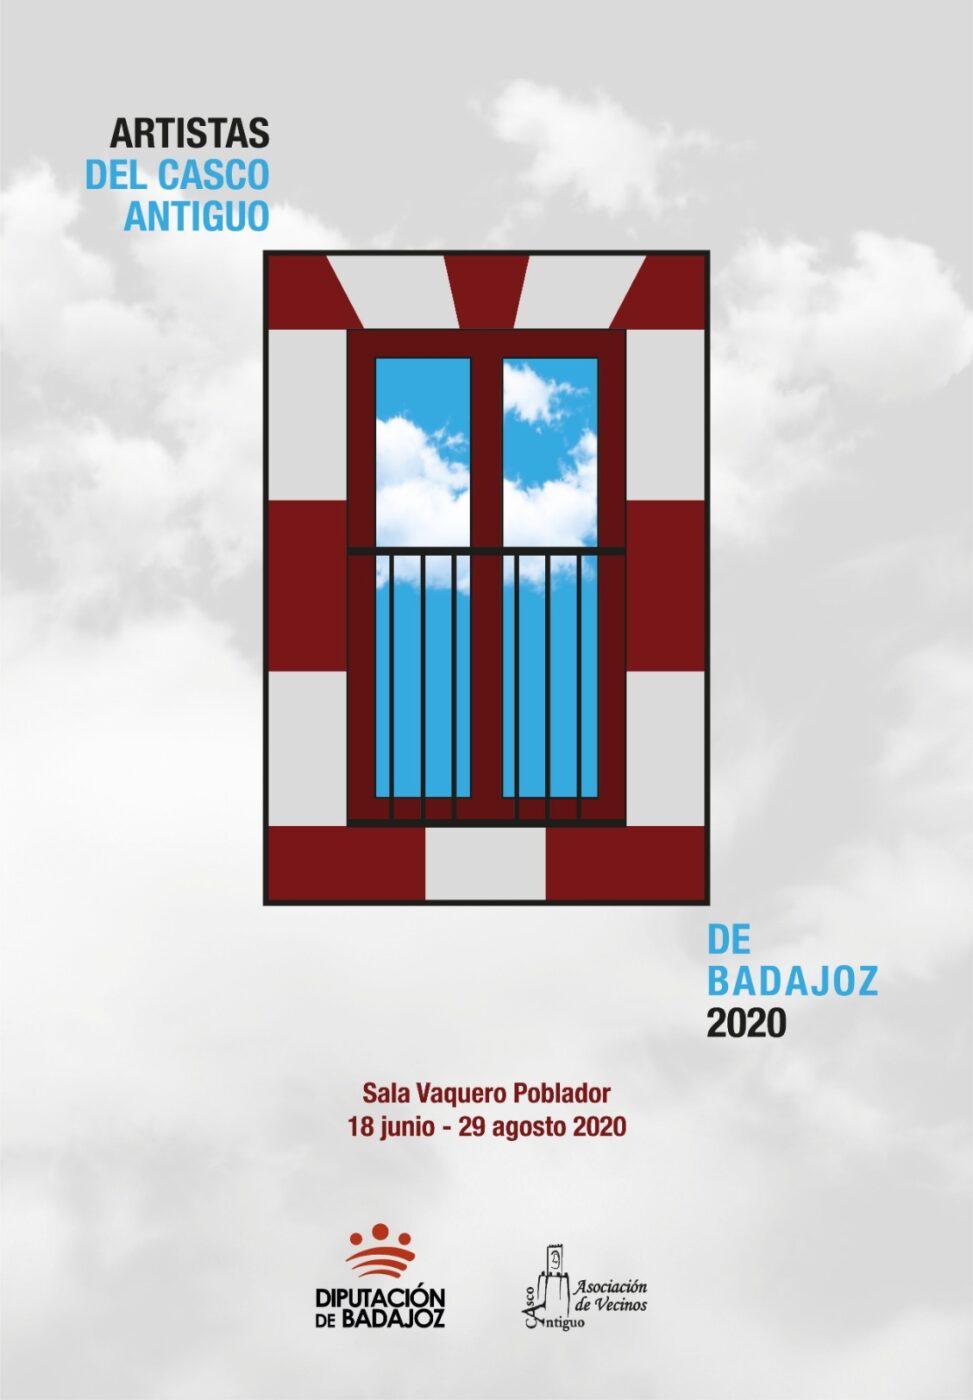 Exposición de 'Artistas del Casco Antiguo de Badajoz 2020'